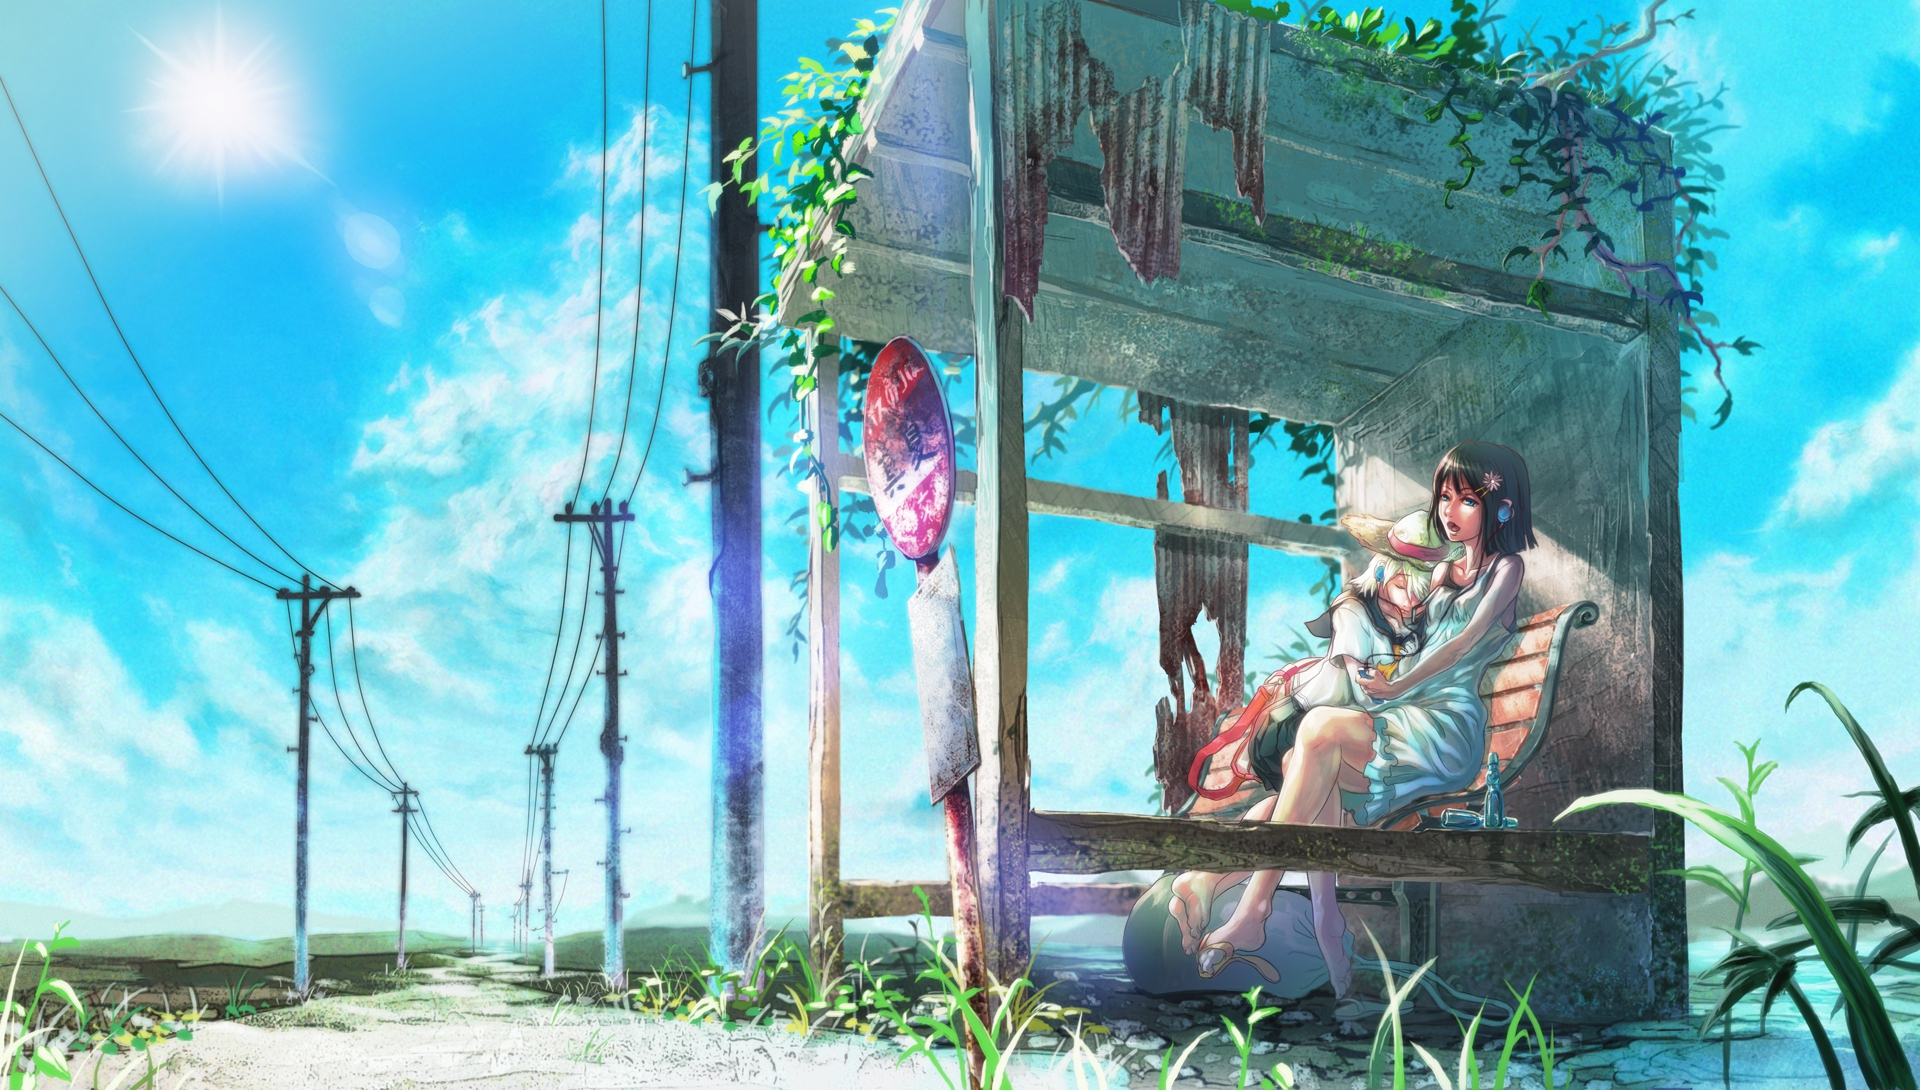 Сельскую девушку на остановке 7 фотография